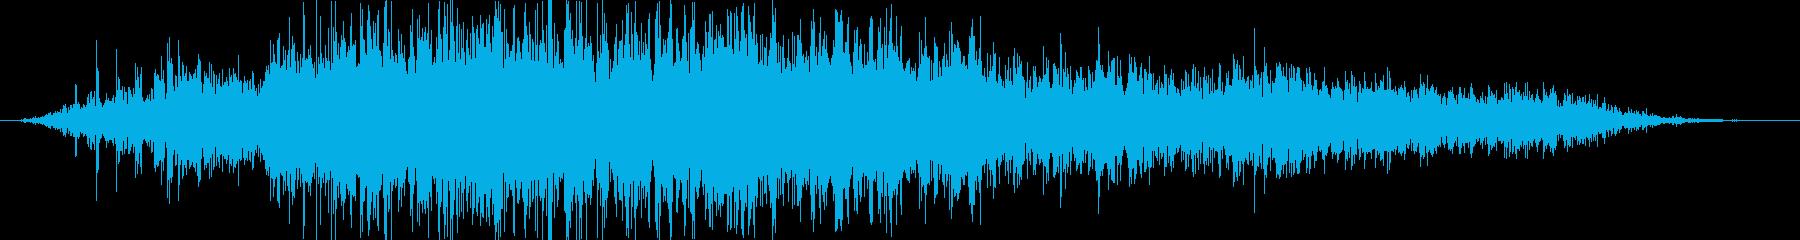 クリーチャーまたはゾンビ:シューと...の再生済みの波形